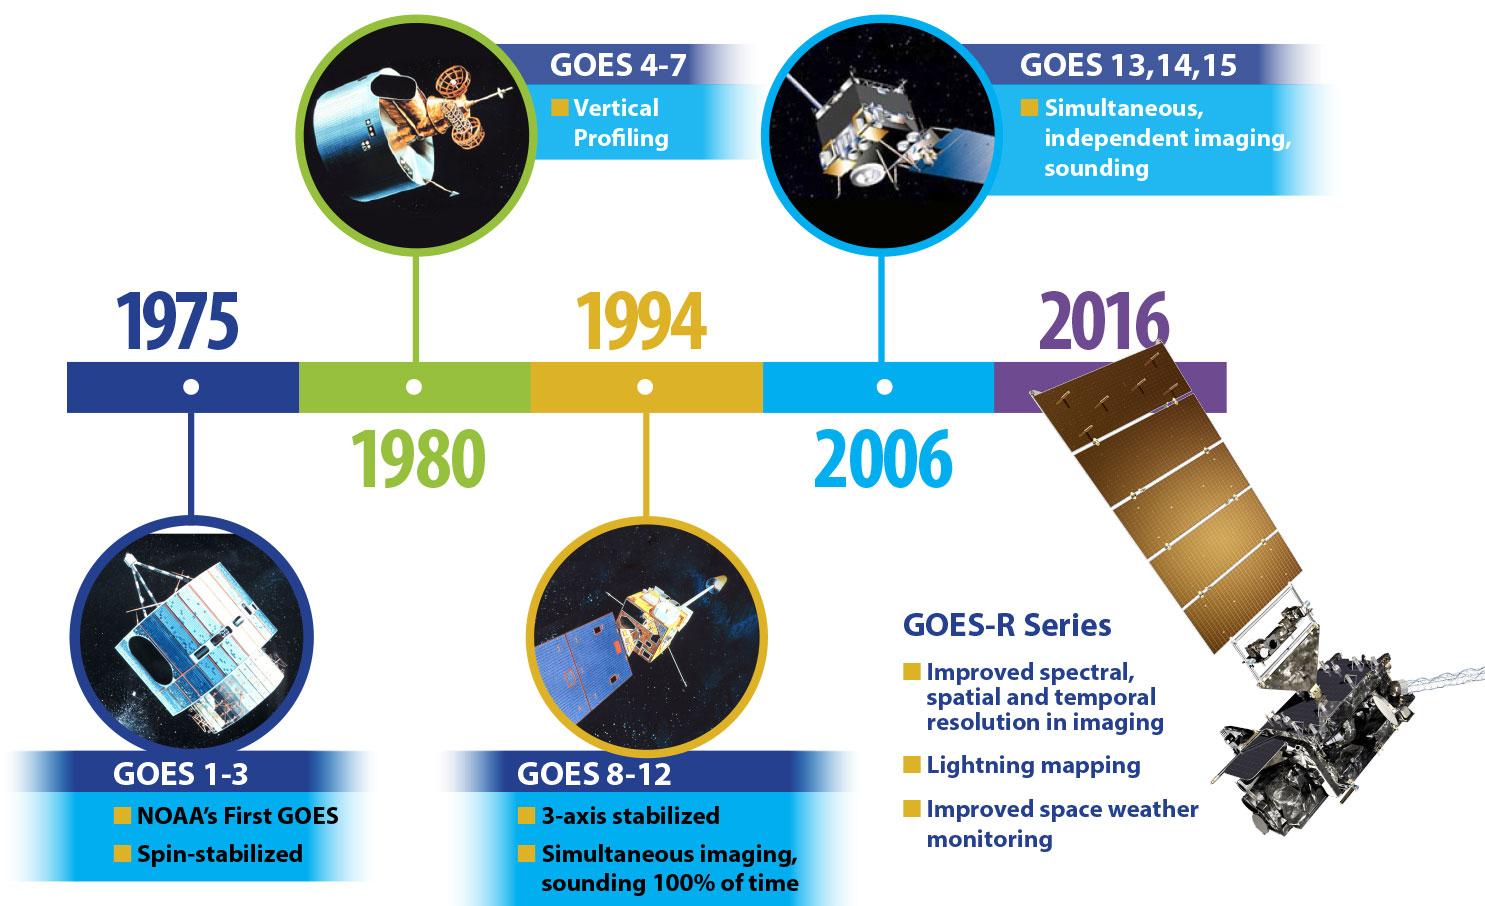 Satélites da série GOES da NASA